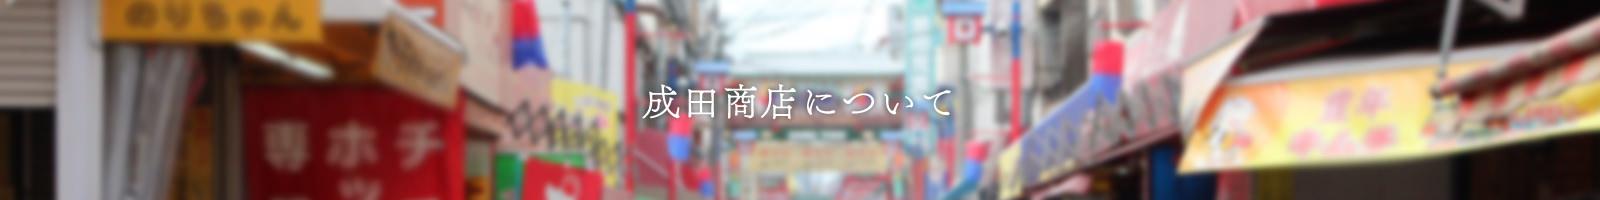 成田商店について